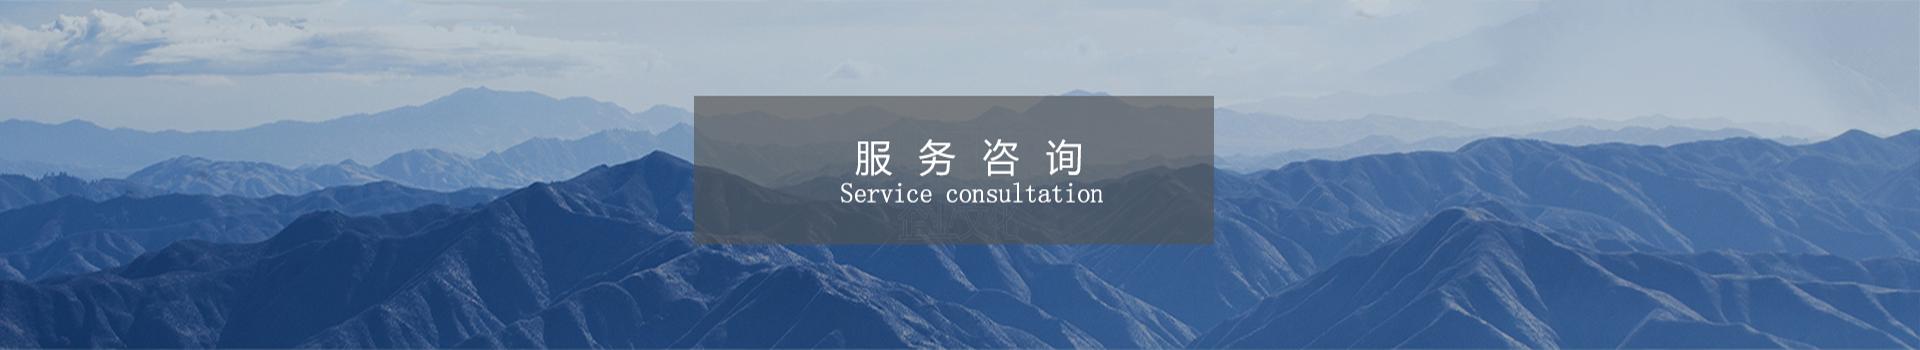 http://www.tsbx.net.cn/data/upload/201910/20191018103456_599.jpg